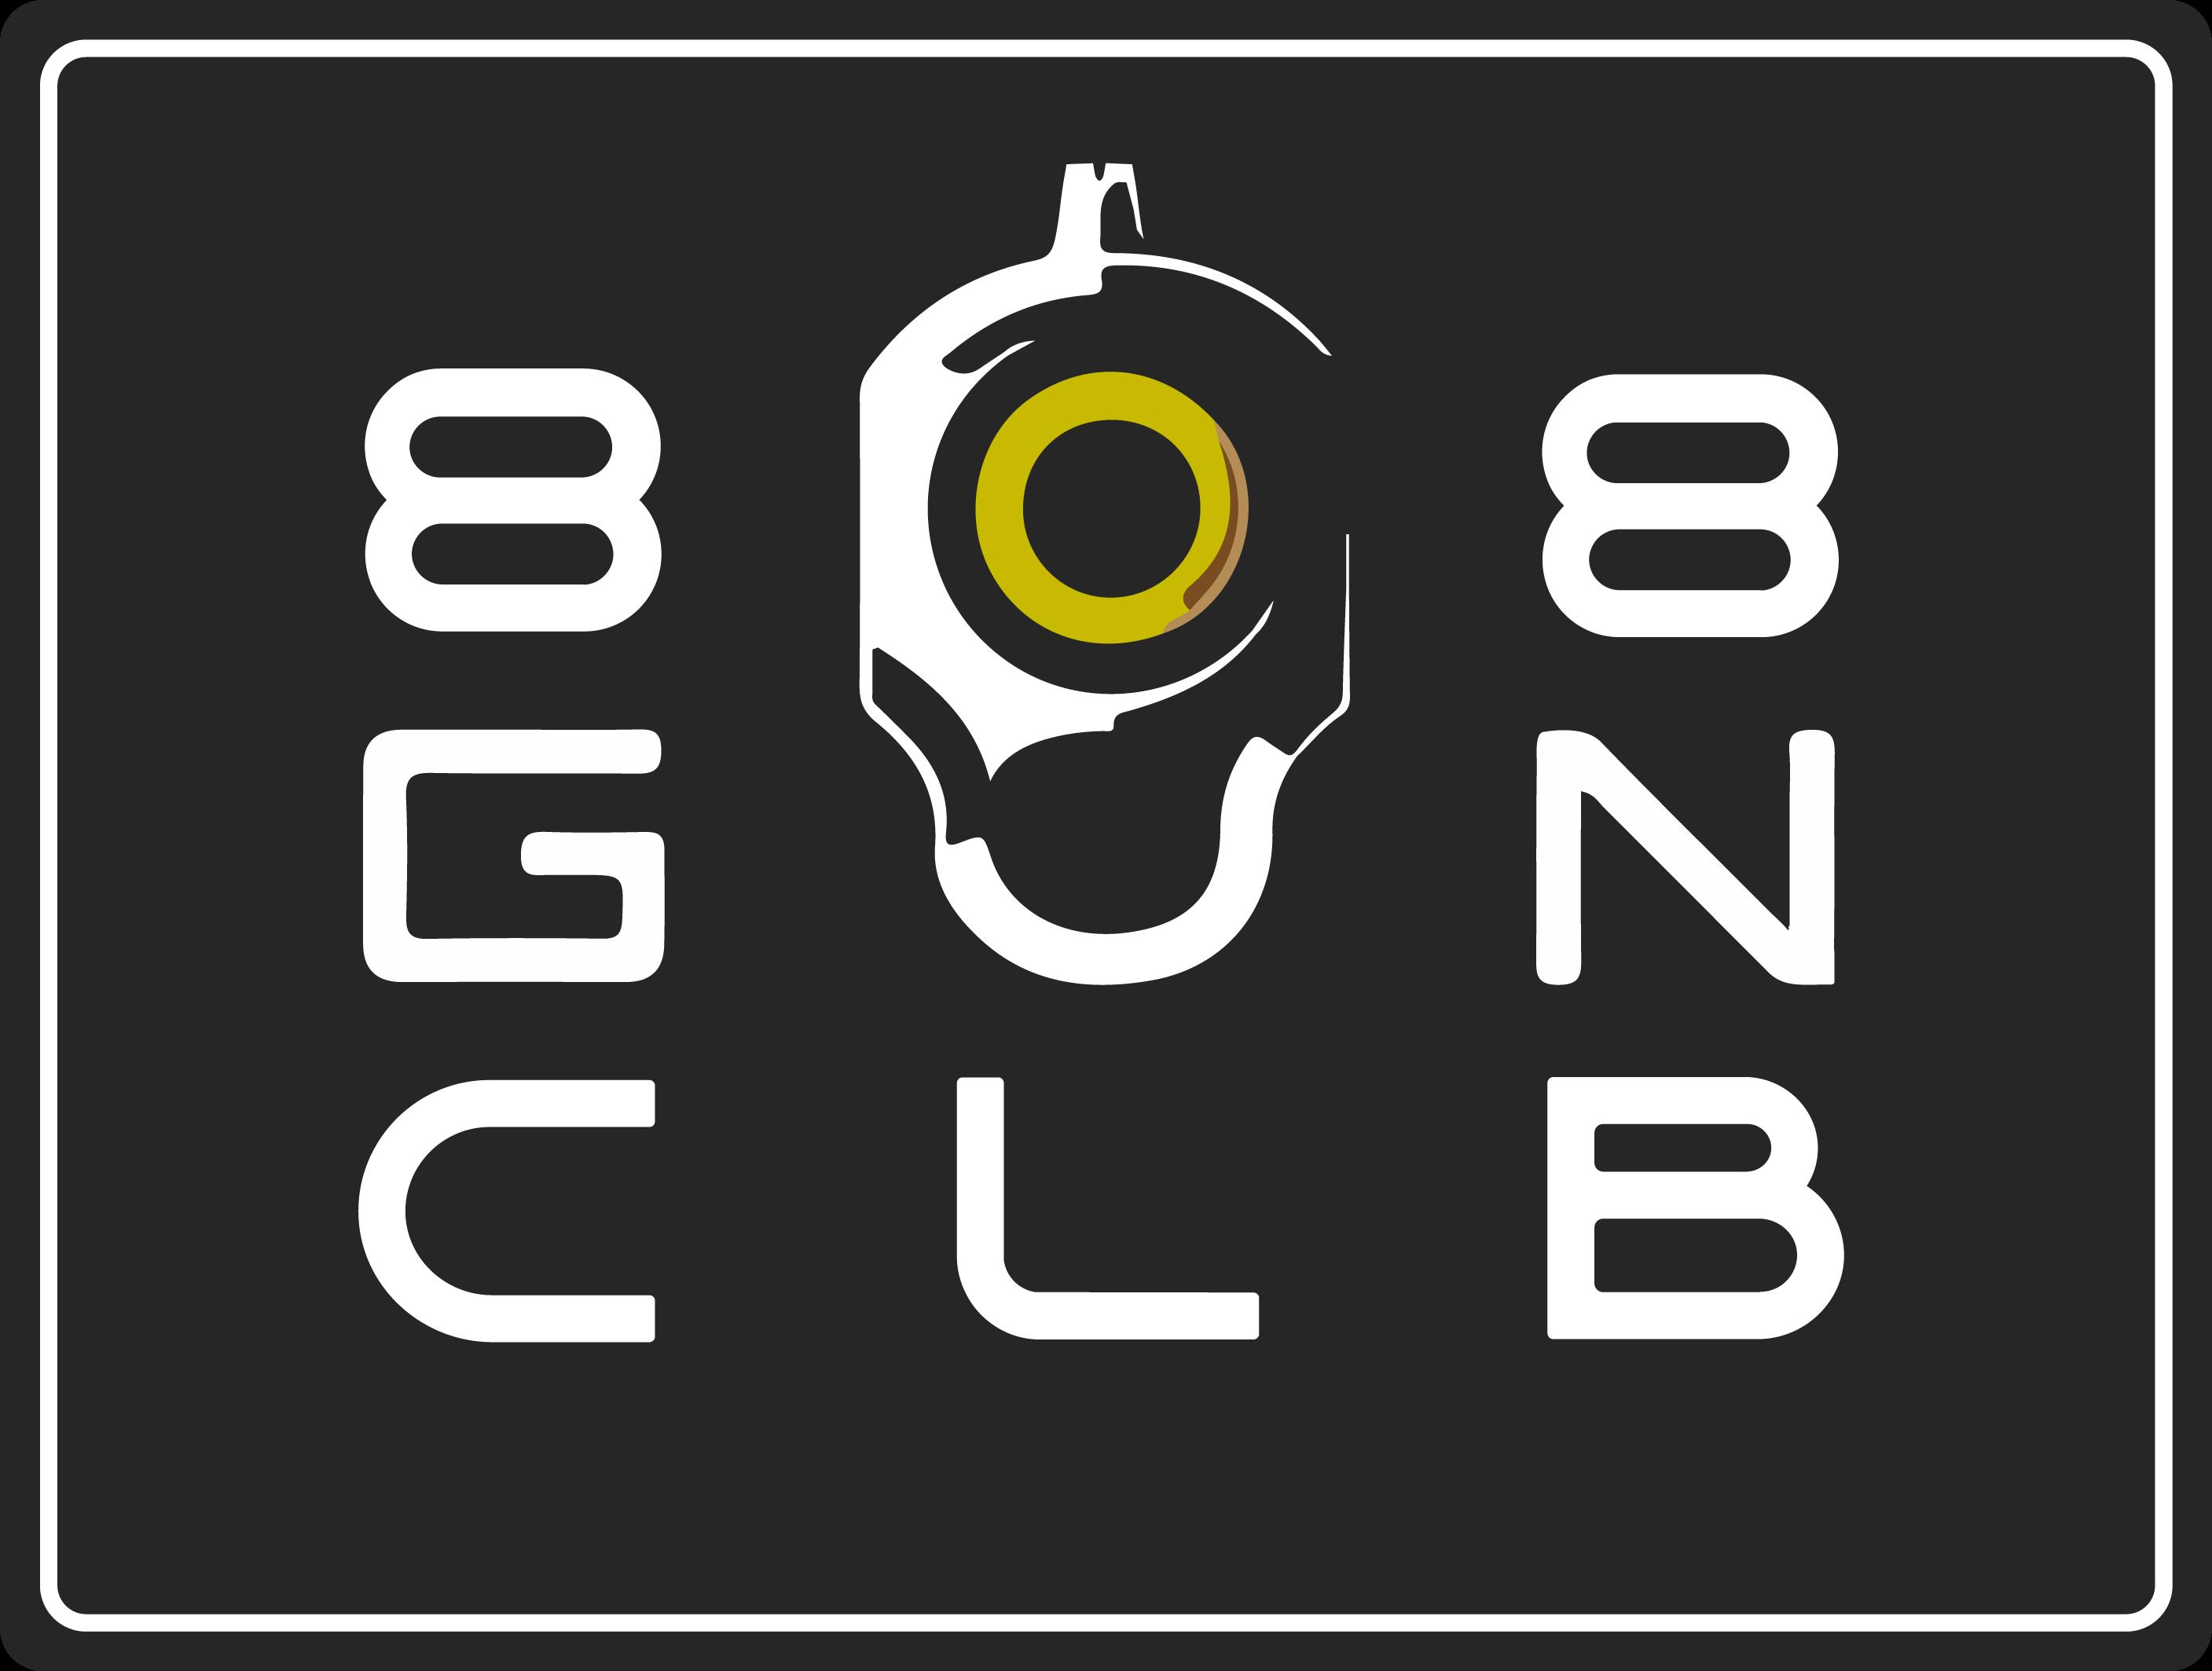 808 Gun Club